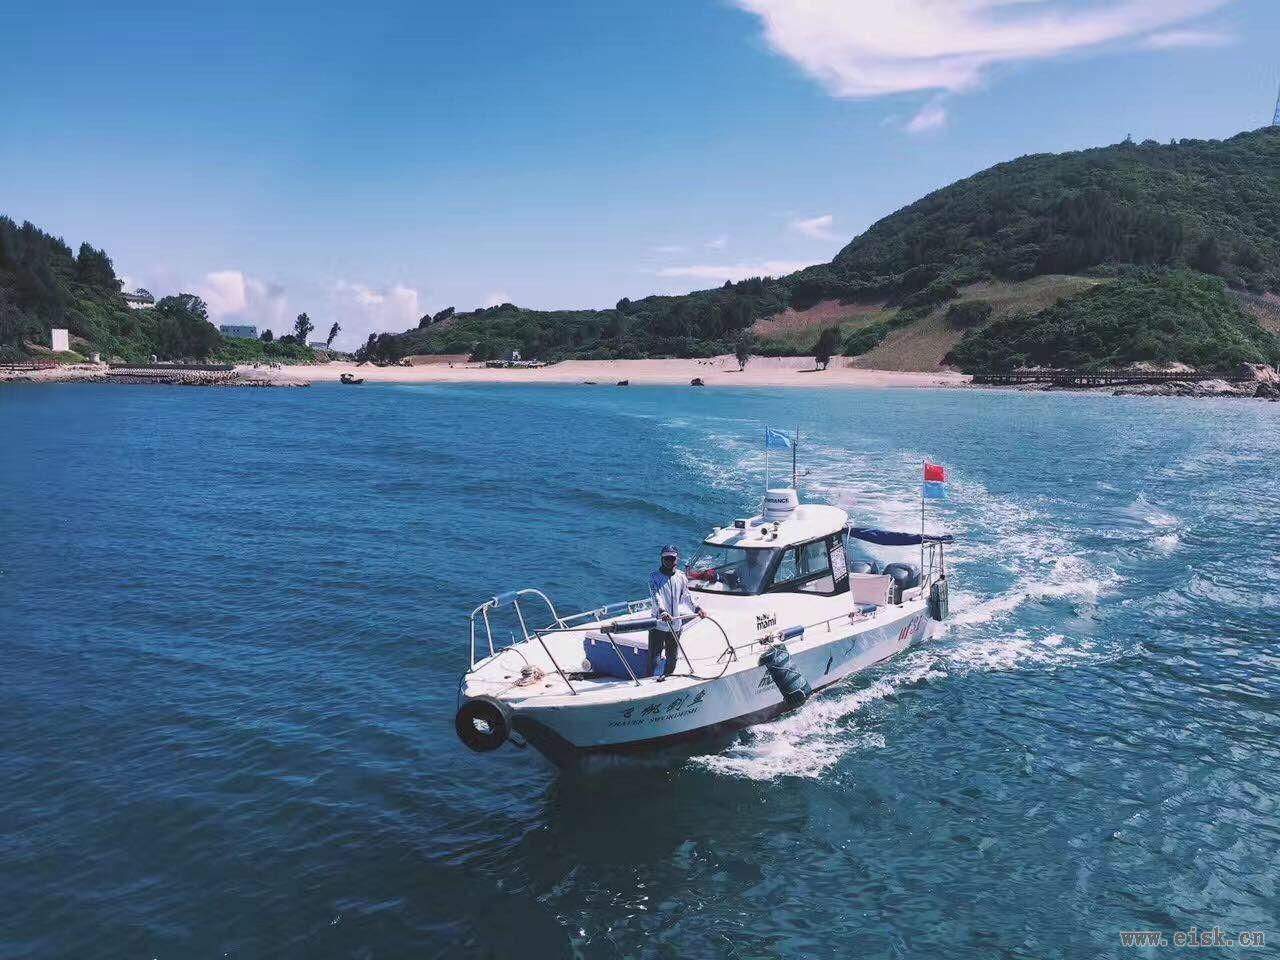 远海海钓 - 与风浪追逐博弈!与鱼群斗智斗勇!